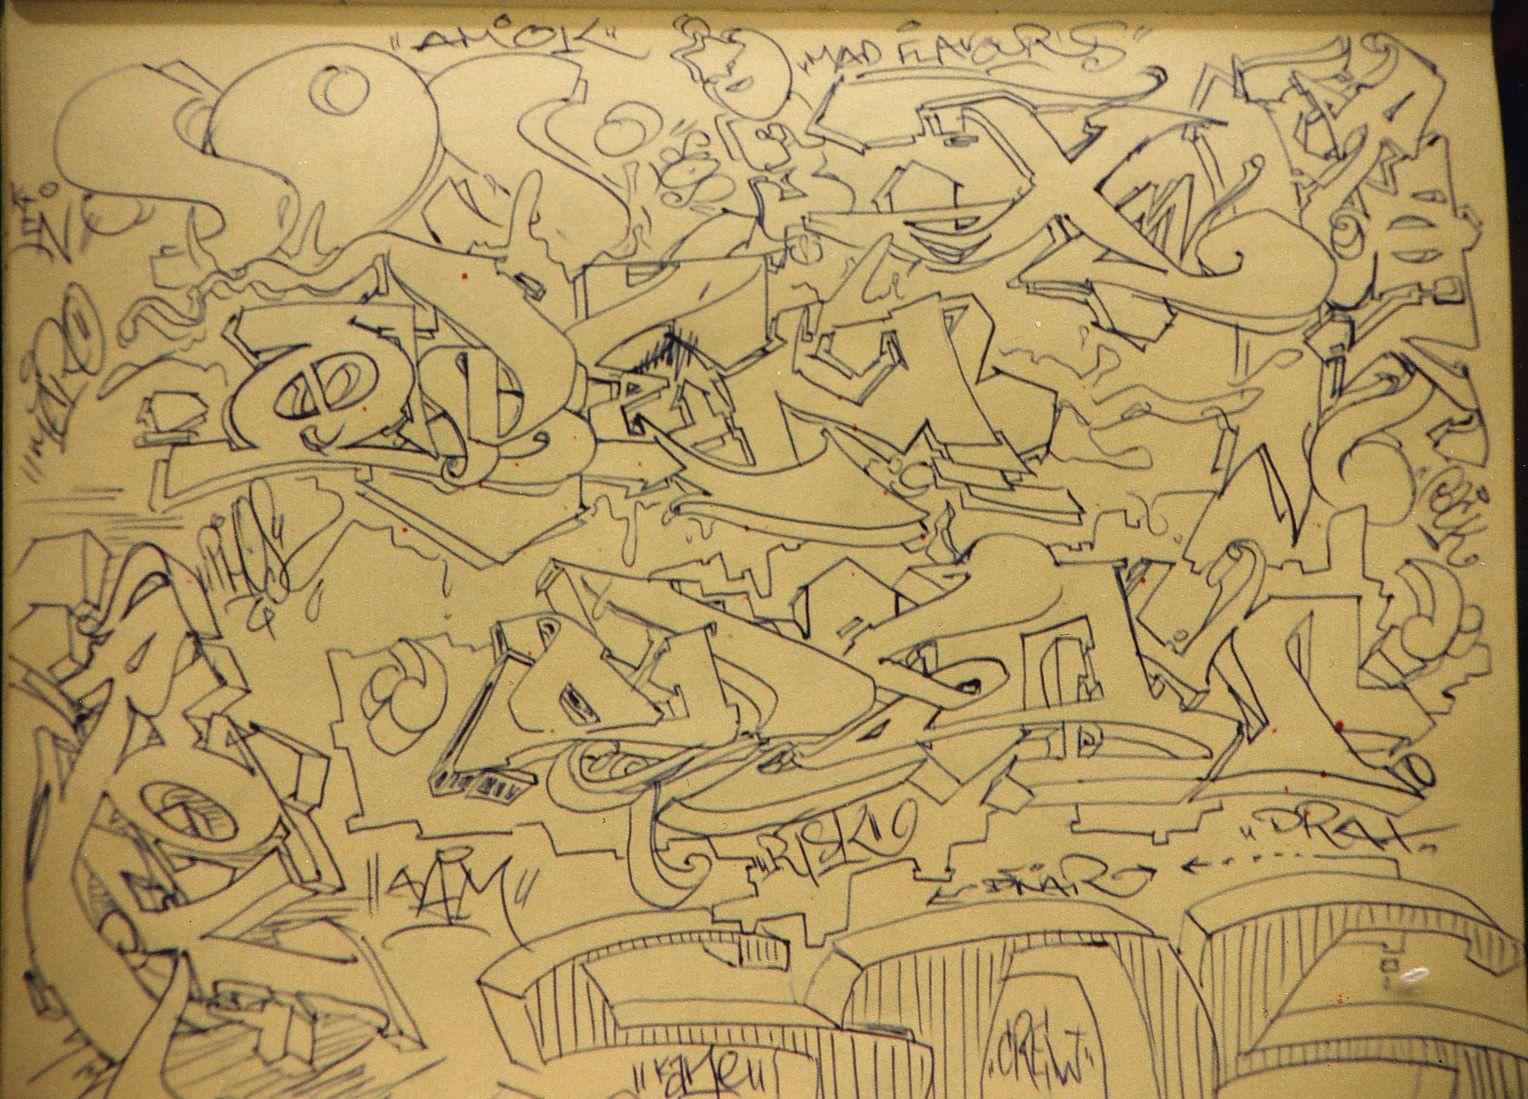 Bildergebnis für odem graffiti